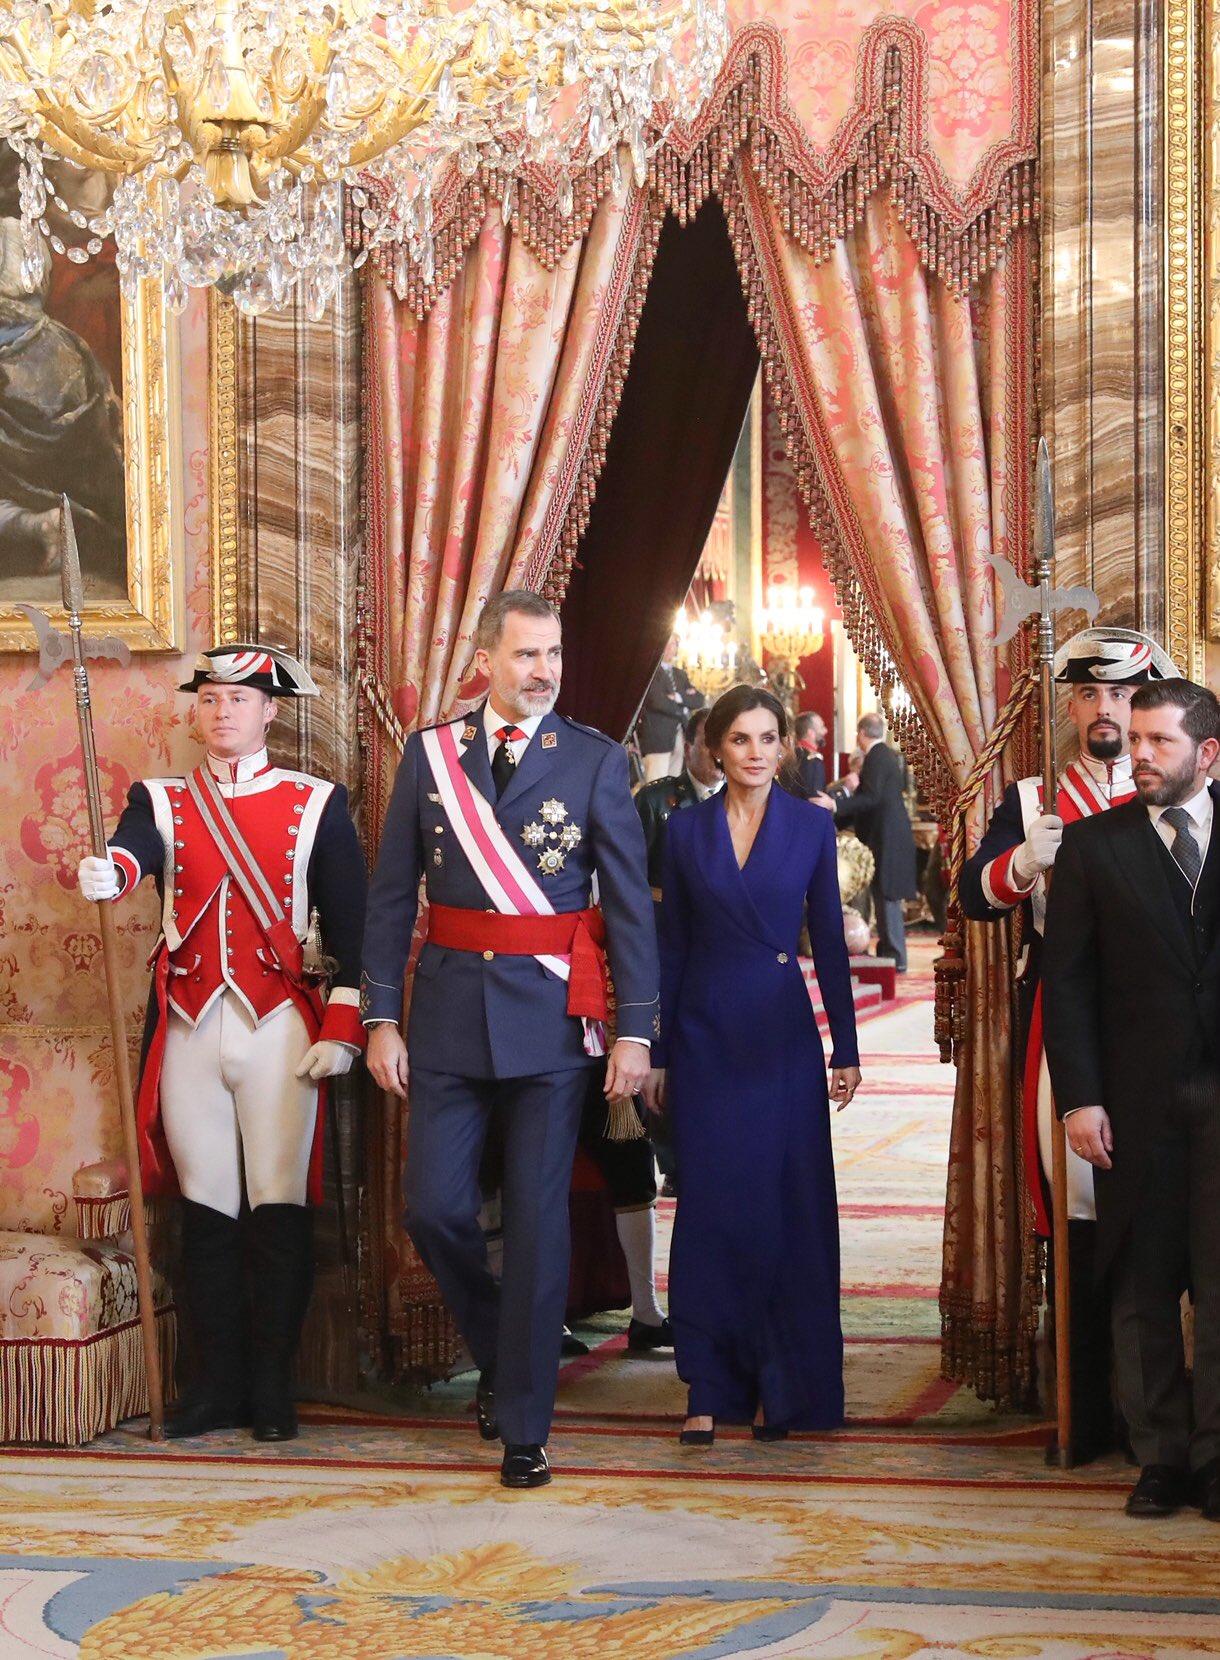 La reina Letizia elige el azul en un elegante vestido para la Pascua Militar 2020